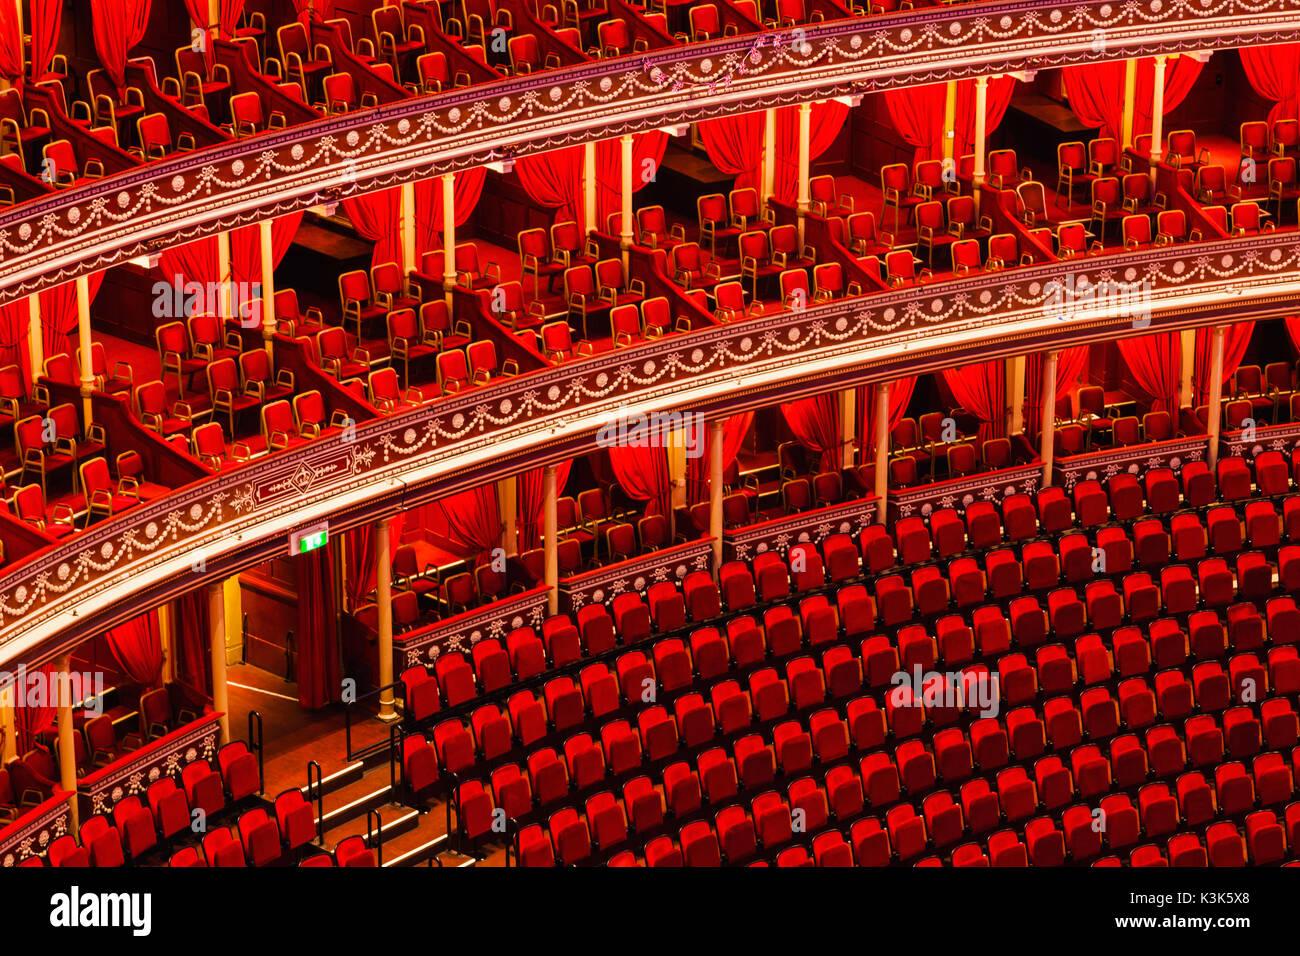 England, London, Royal Albert Hall - Stock Image